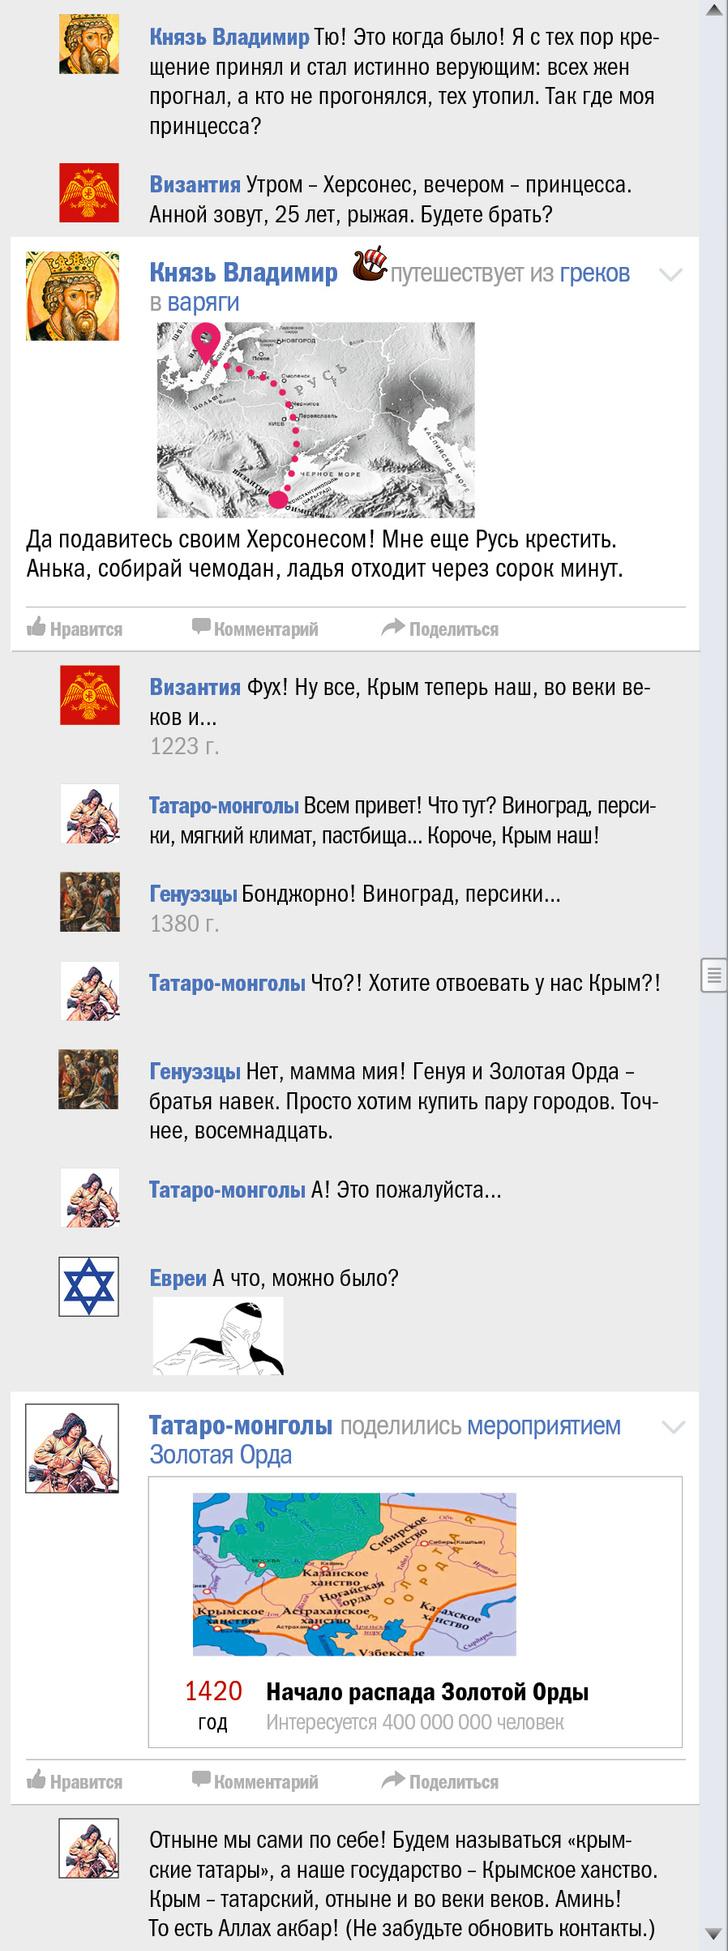 Фото №7 - Крым чей? Правдивая история Крыма в виде ленты «Фейсбука»